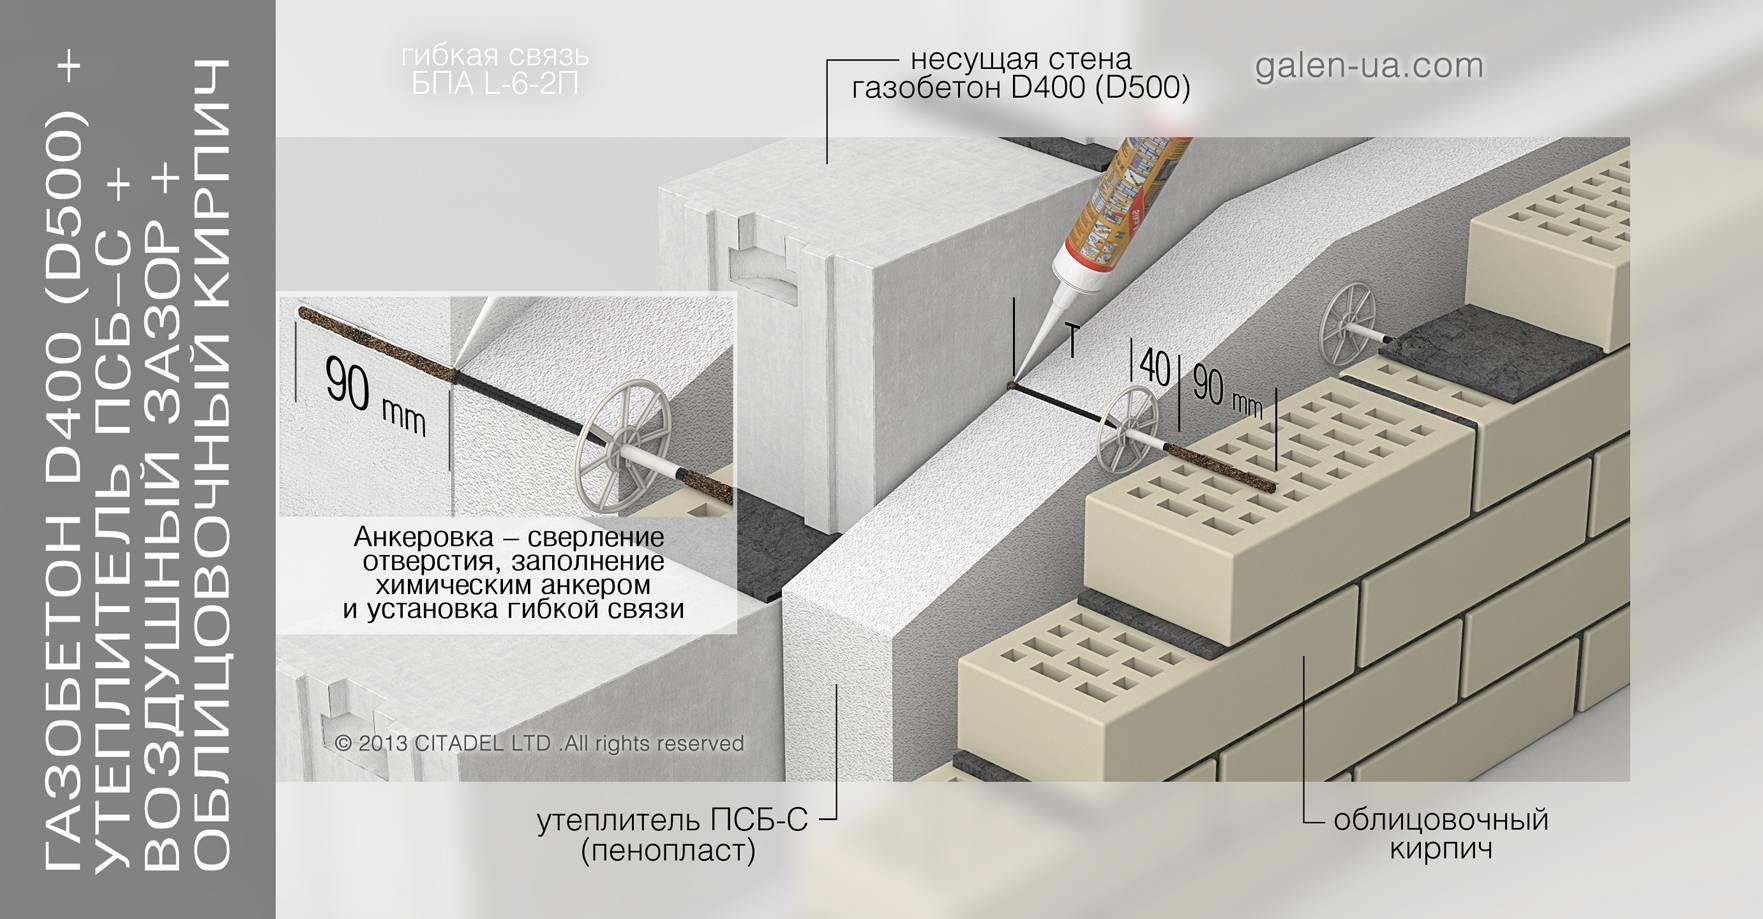 Гибкие связи для газобетона и облицовочного кирпича: виды